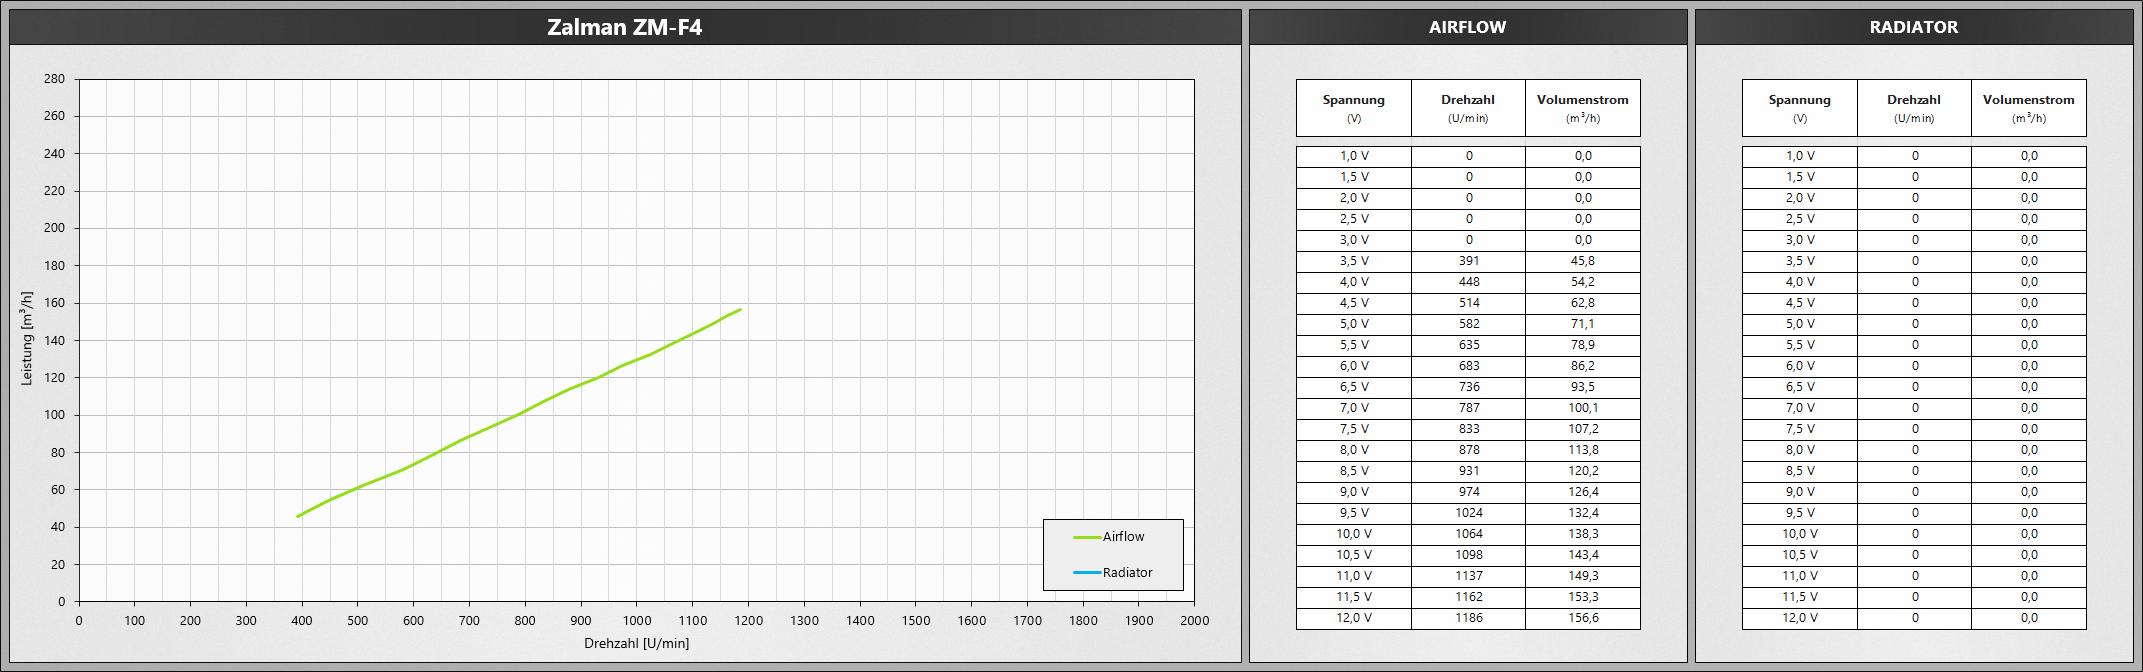 Klicken Sie auf die Grafik für eine größere Ansicht  Name:ZalmanZMF4.png Hits:645 Größe:464,0 KB ID:1074793